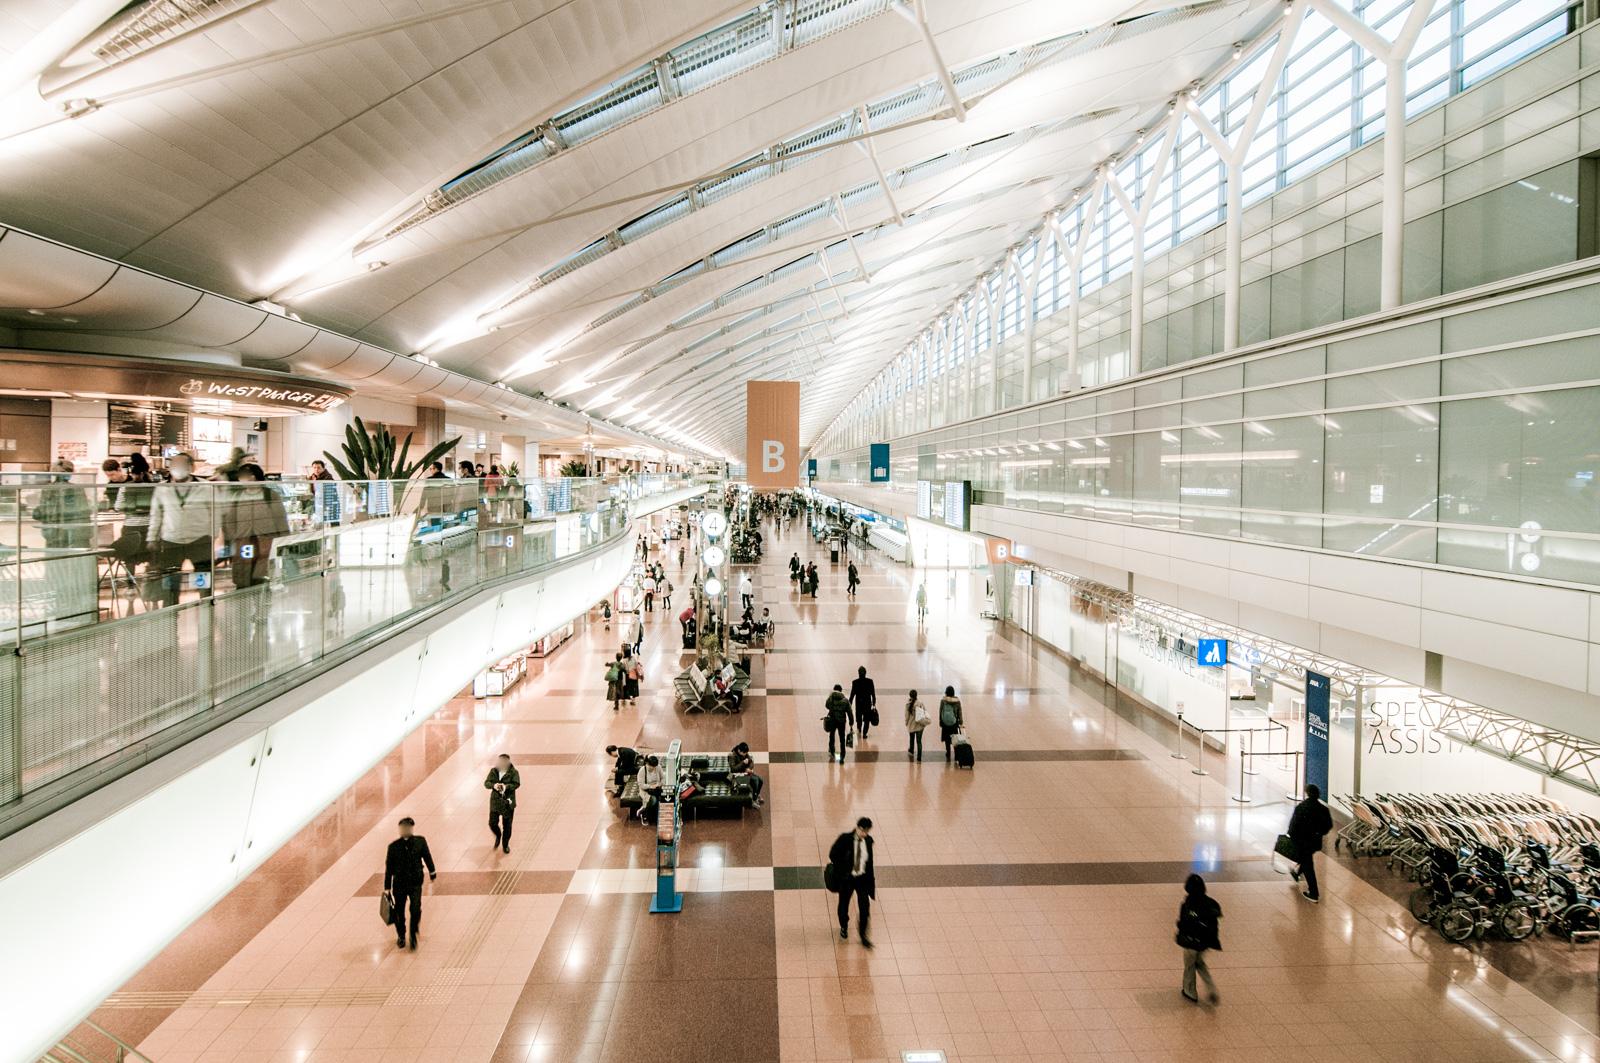 東京の街並みをバックに飛行機撮影、羽田空港 第2旅客ターミナルの撮影ポイント